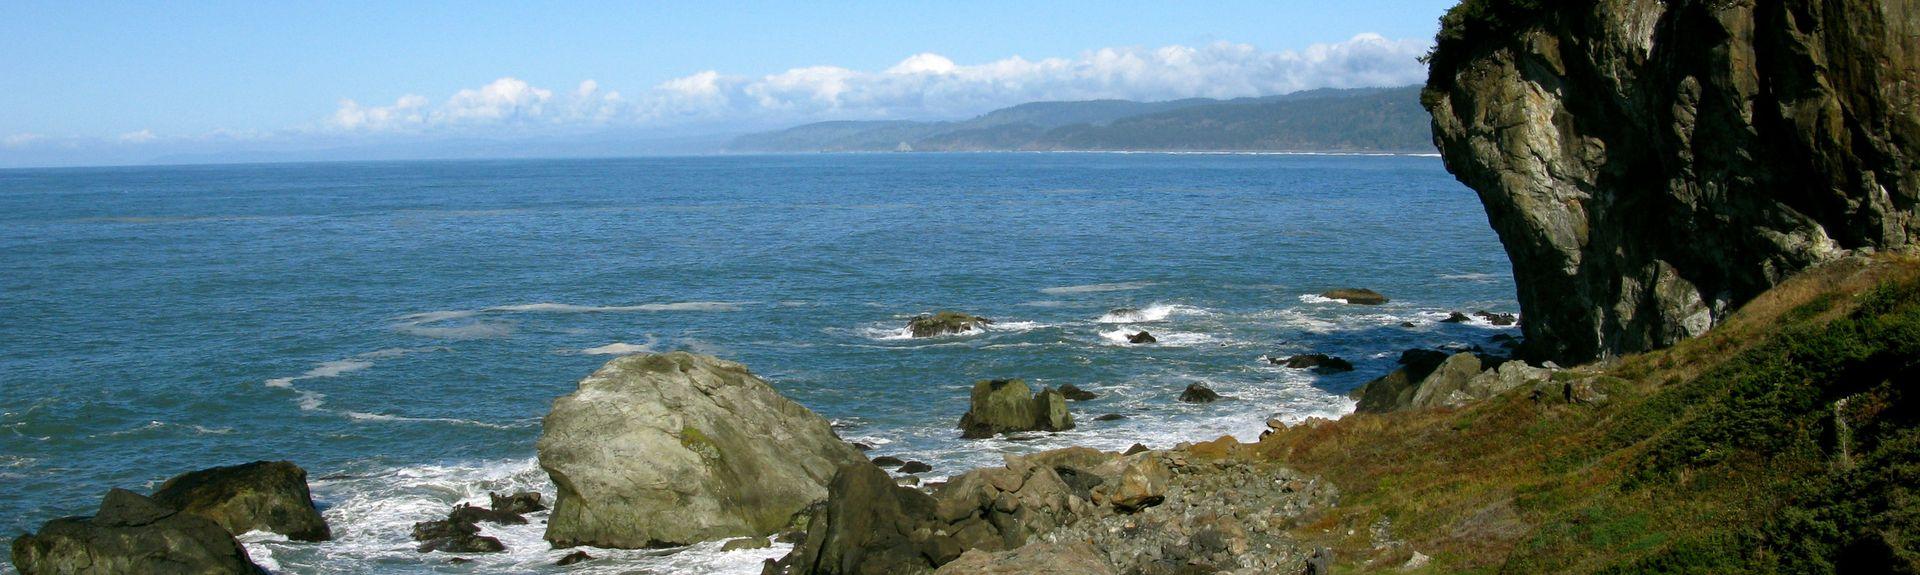 Pacific, Arcata, Californie, États-Unis d'Amérique